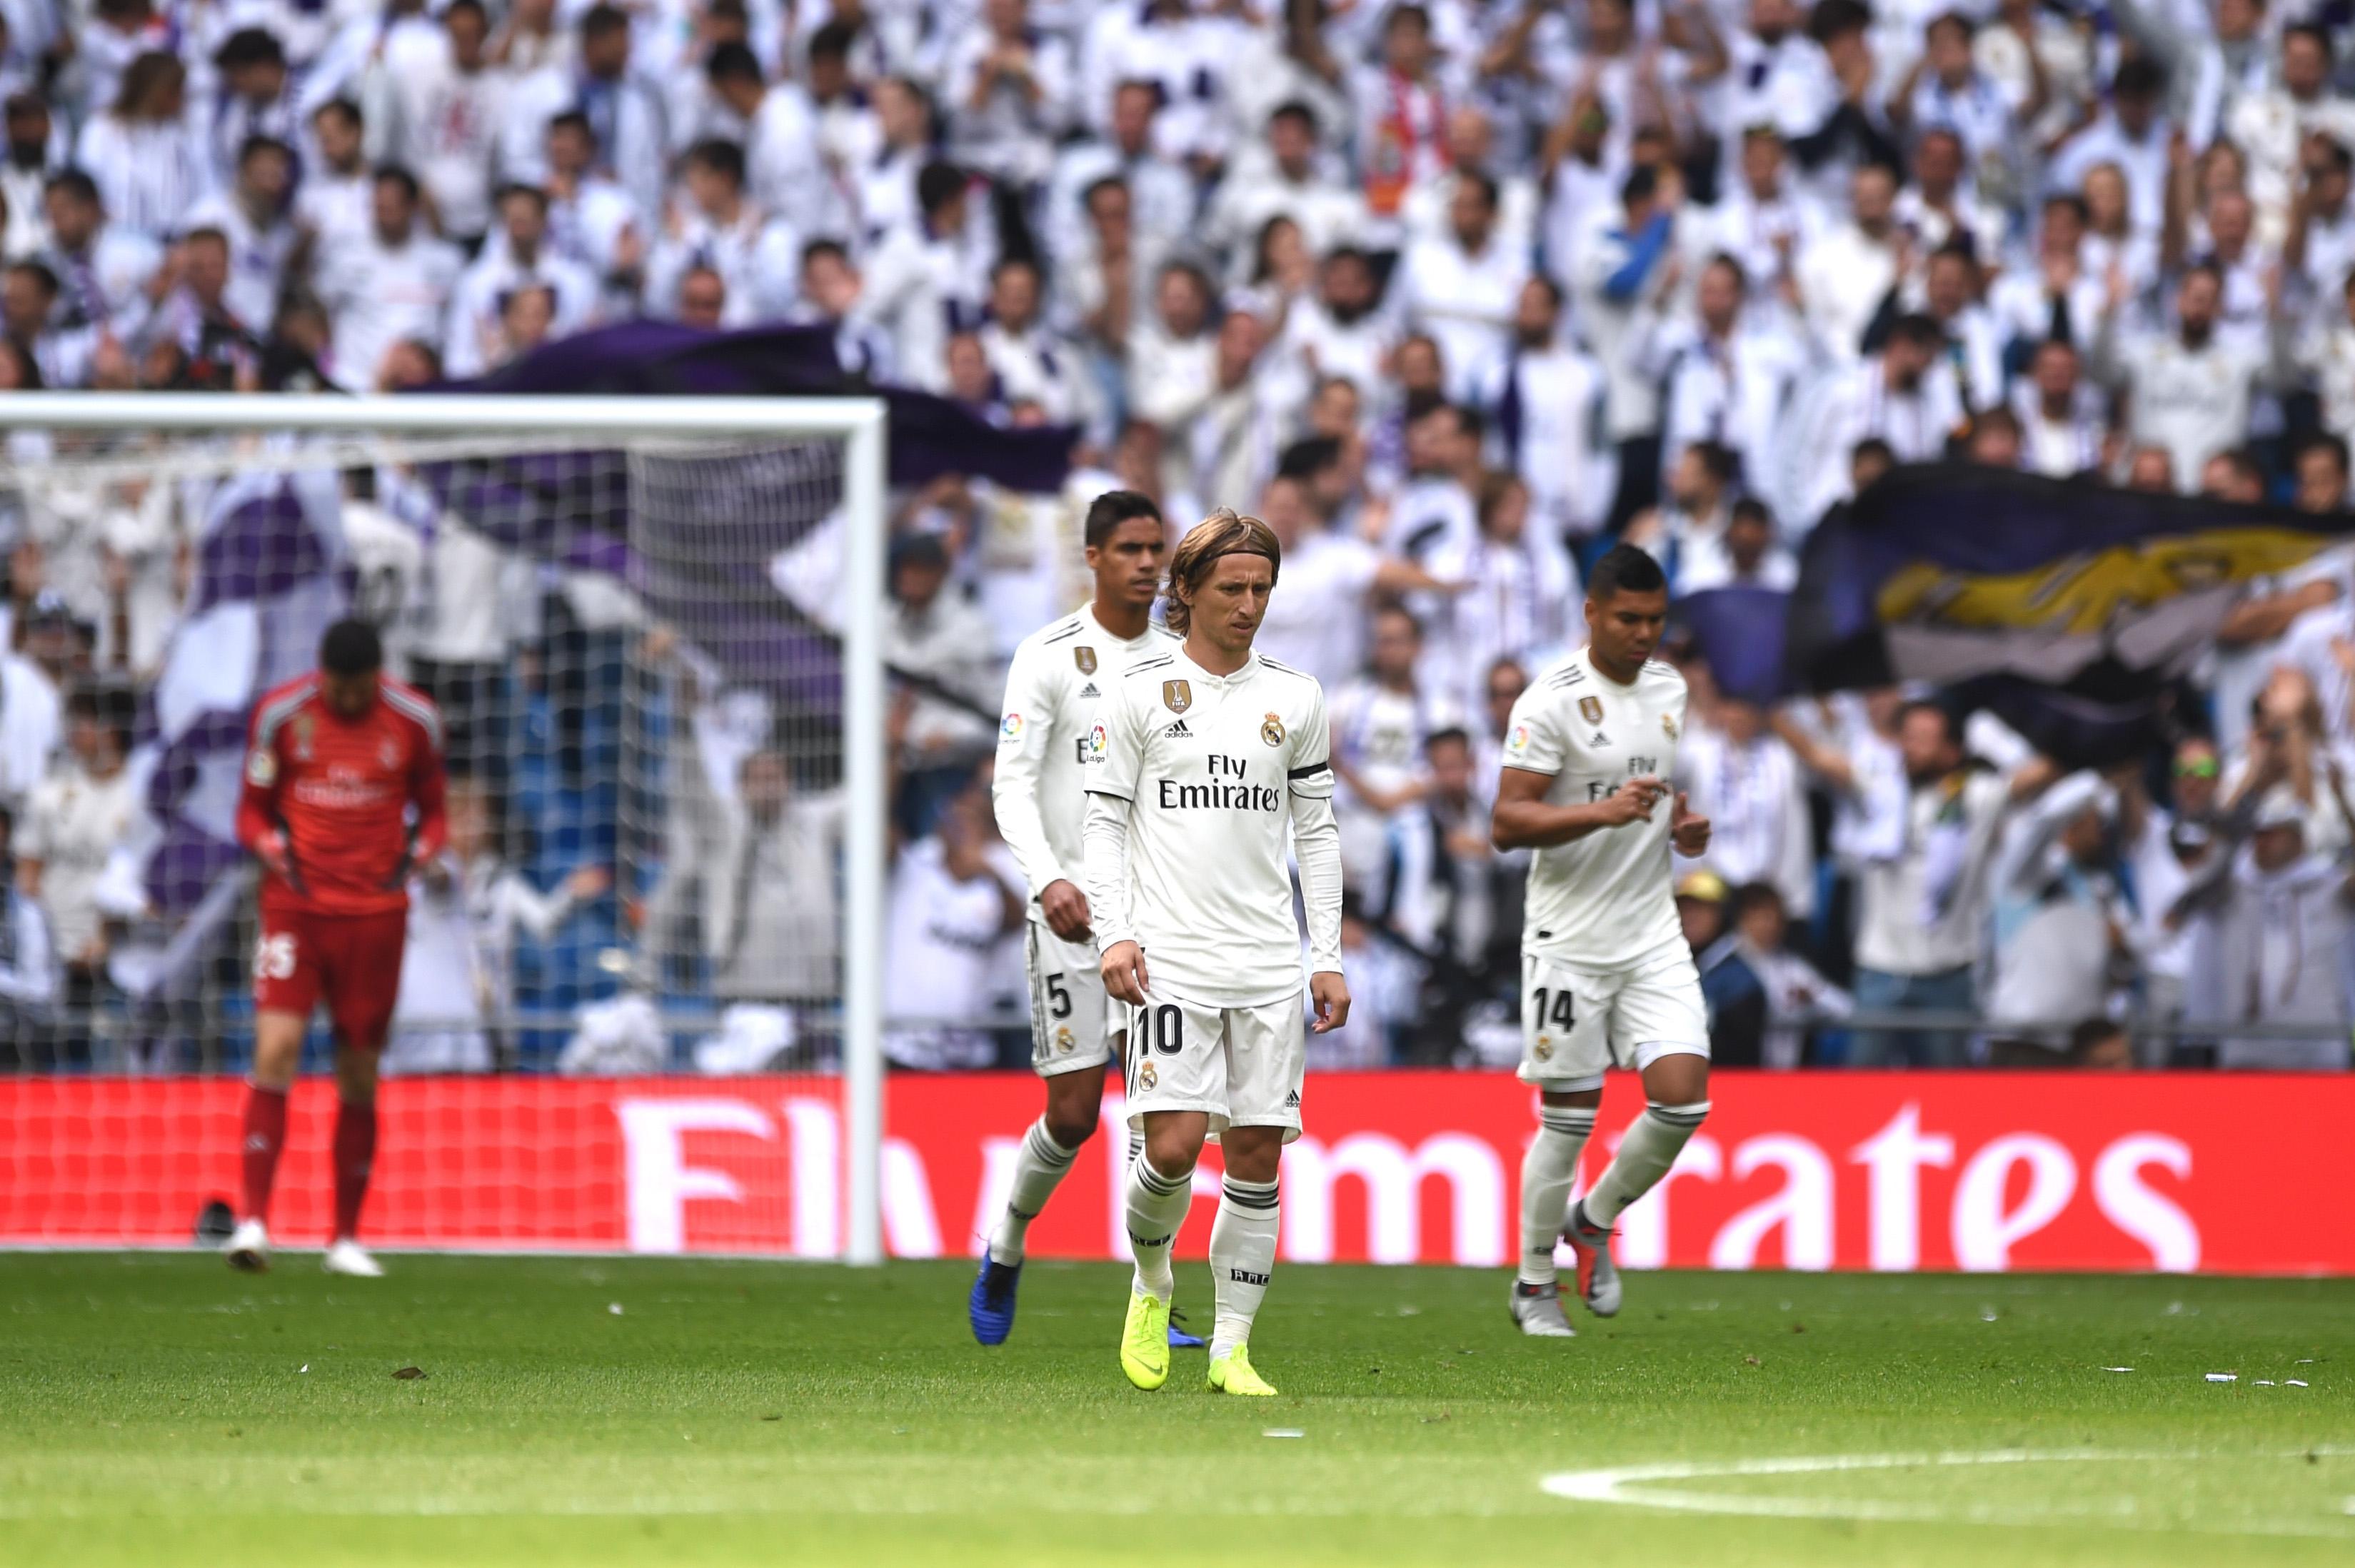 След шест часа без отбелязан гол тимът на Реал Мадрид